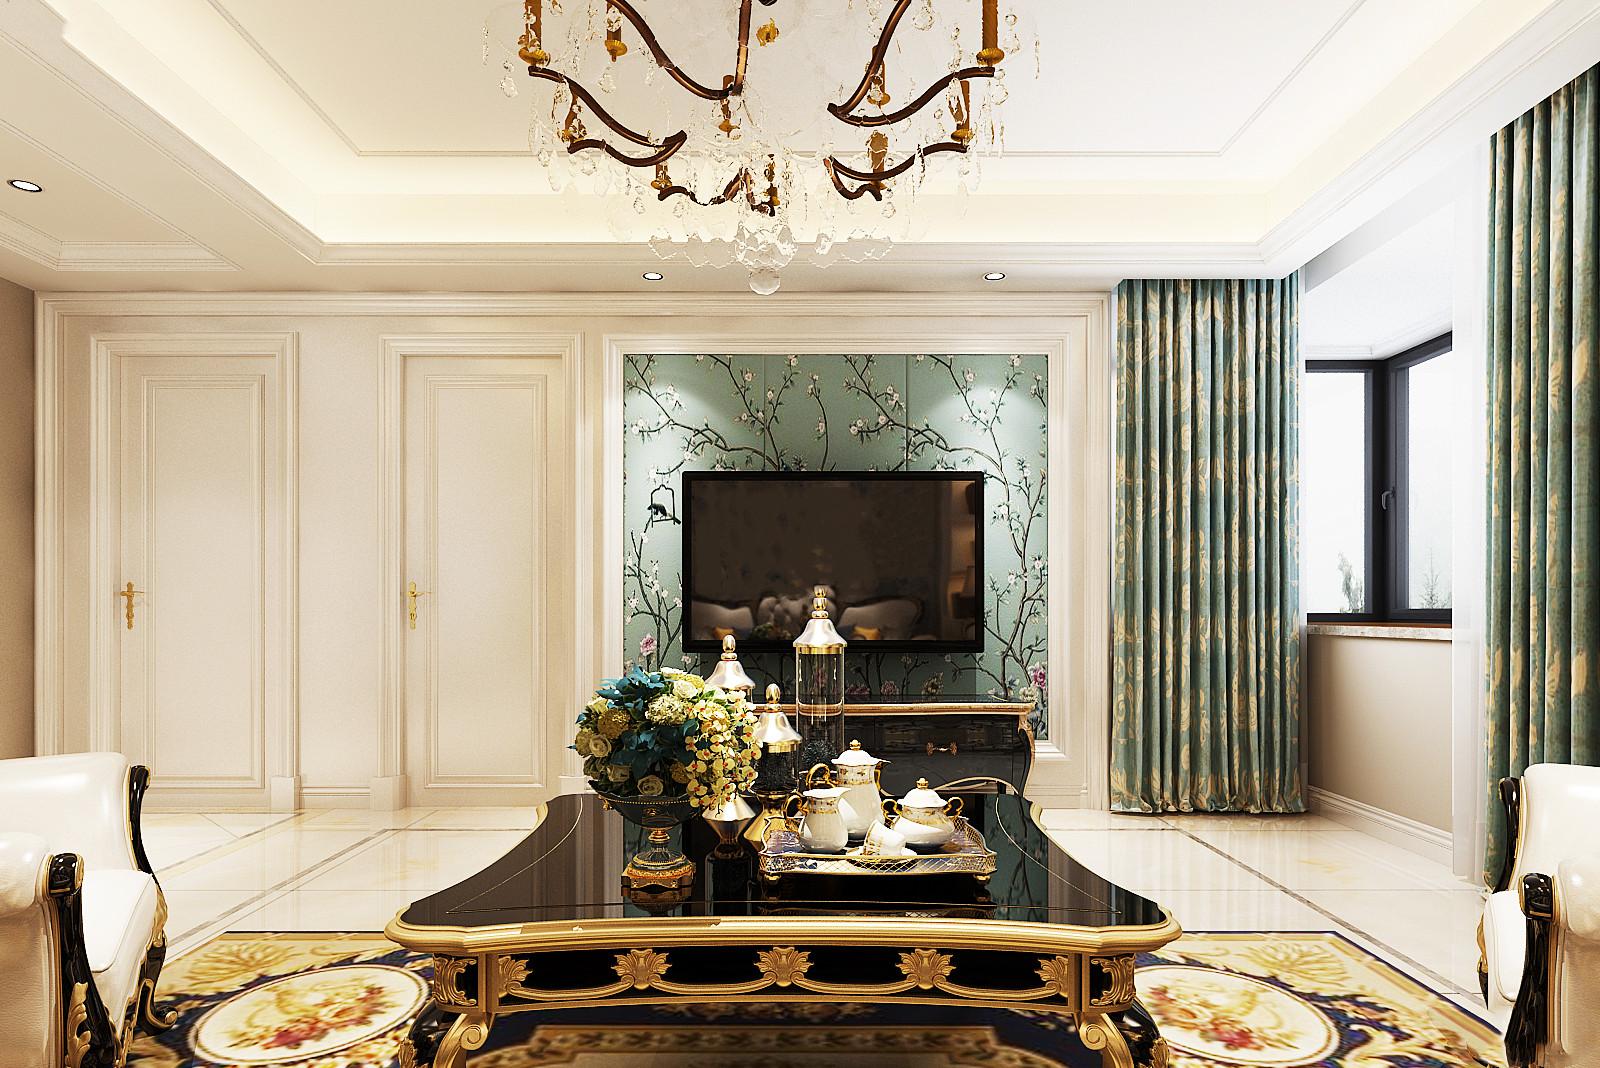 鄱阳装修设计--法式古典浪漫风格